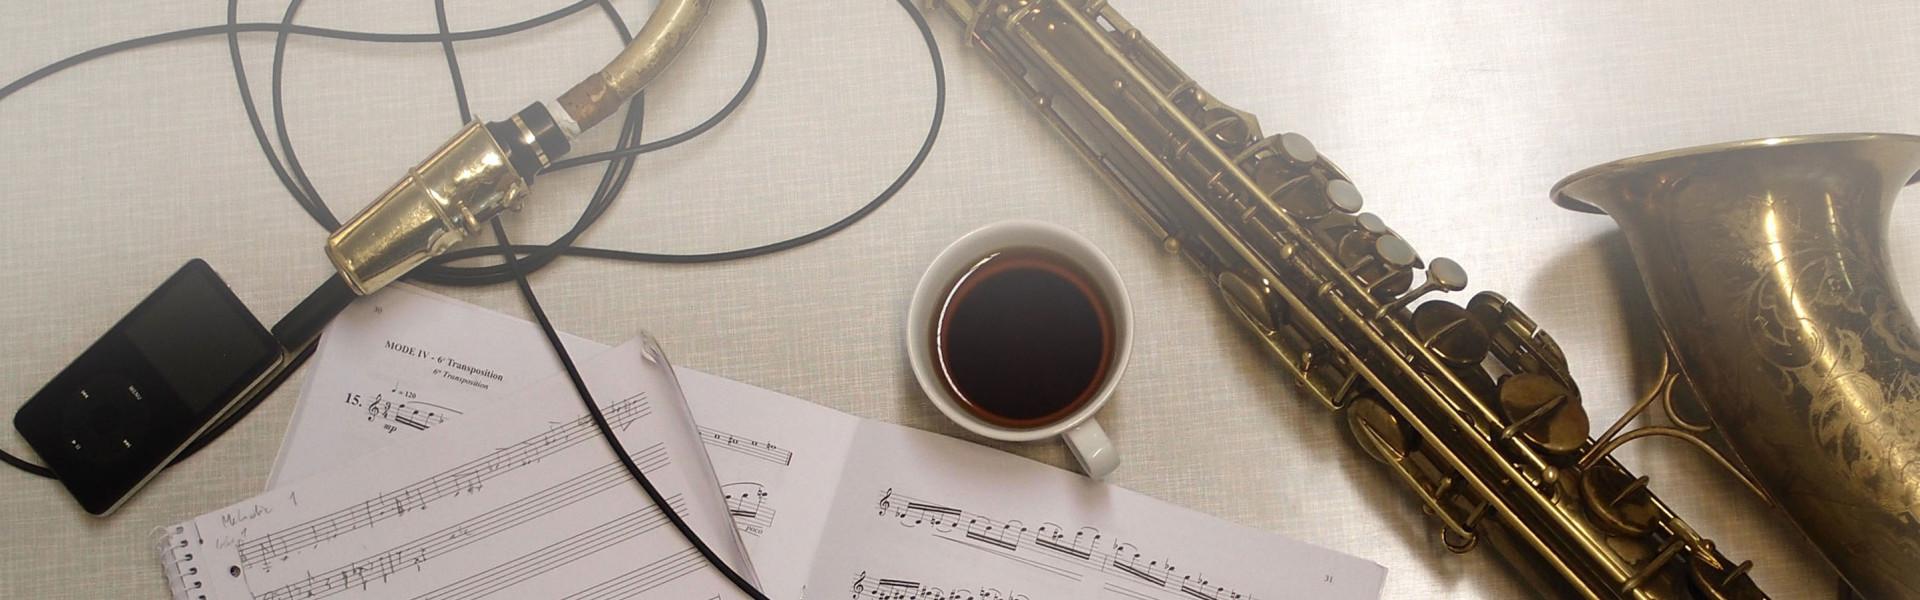 Saxophonunterricht in Wien